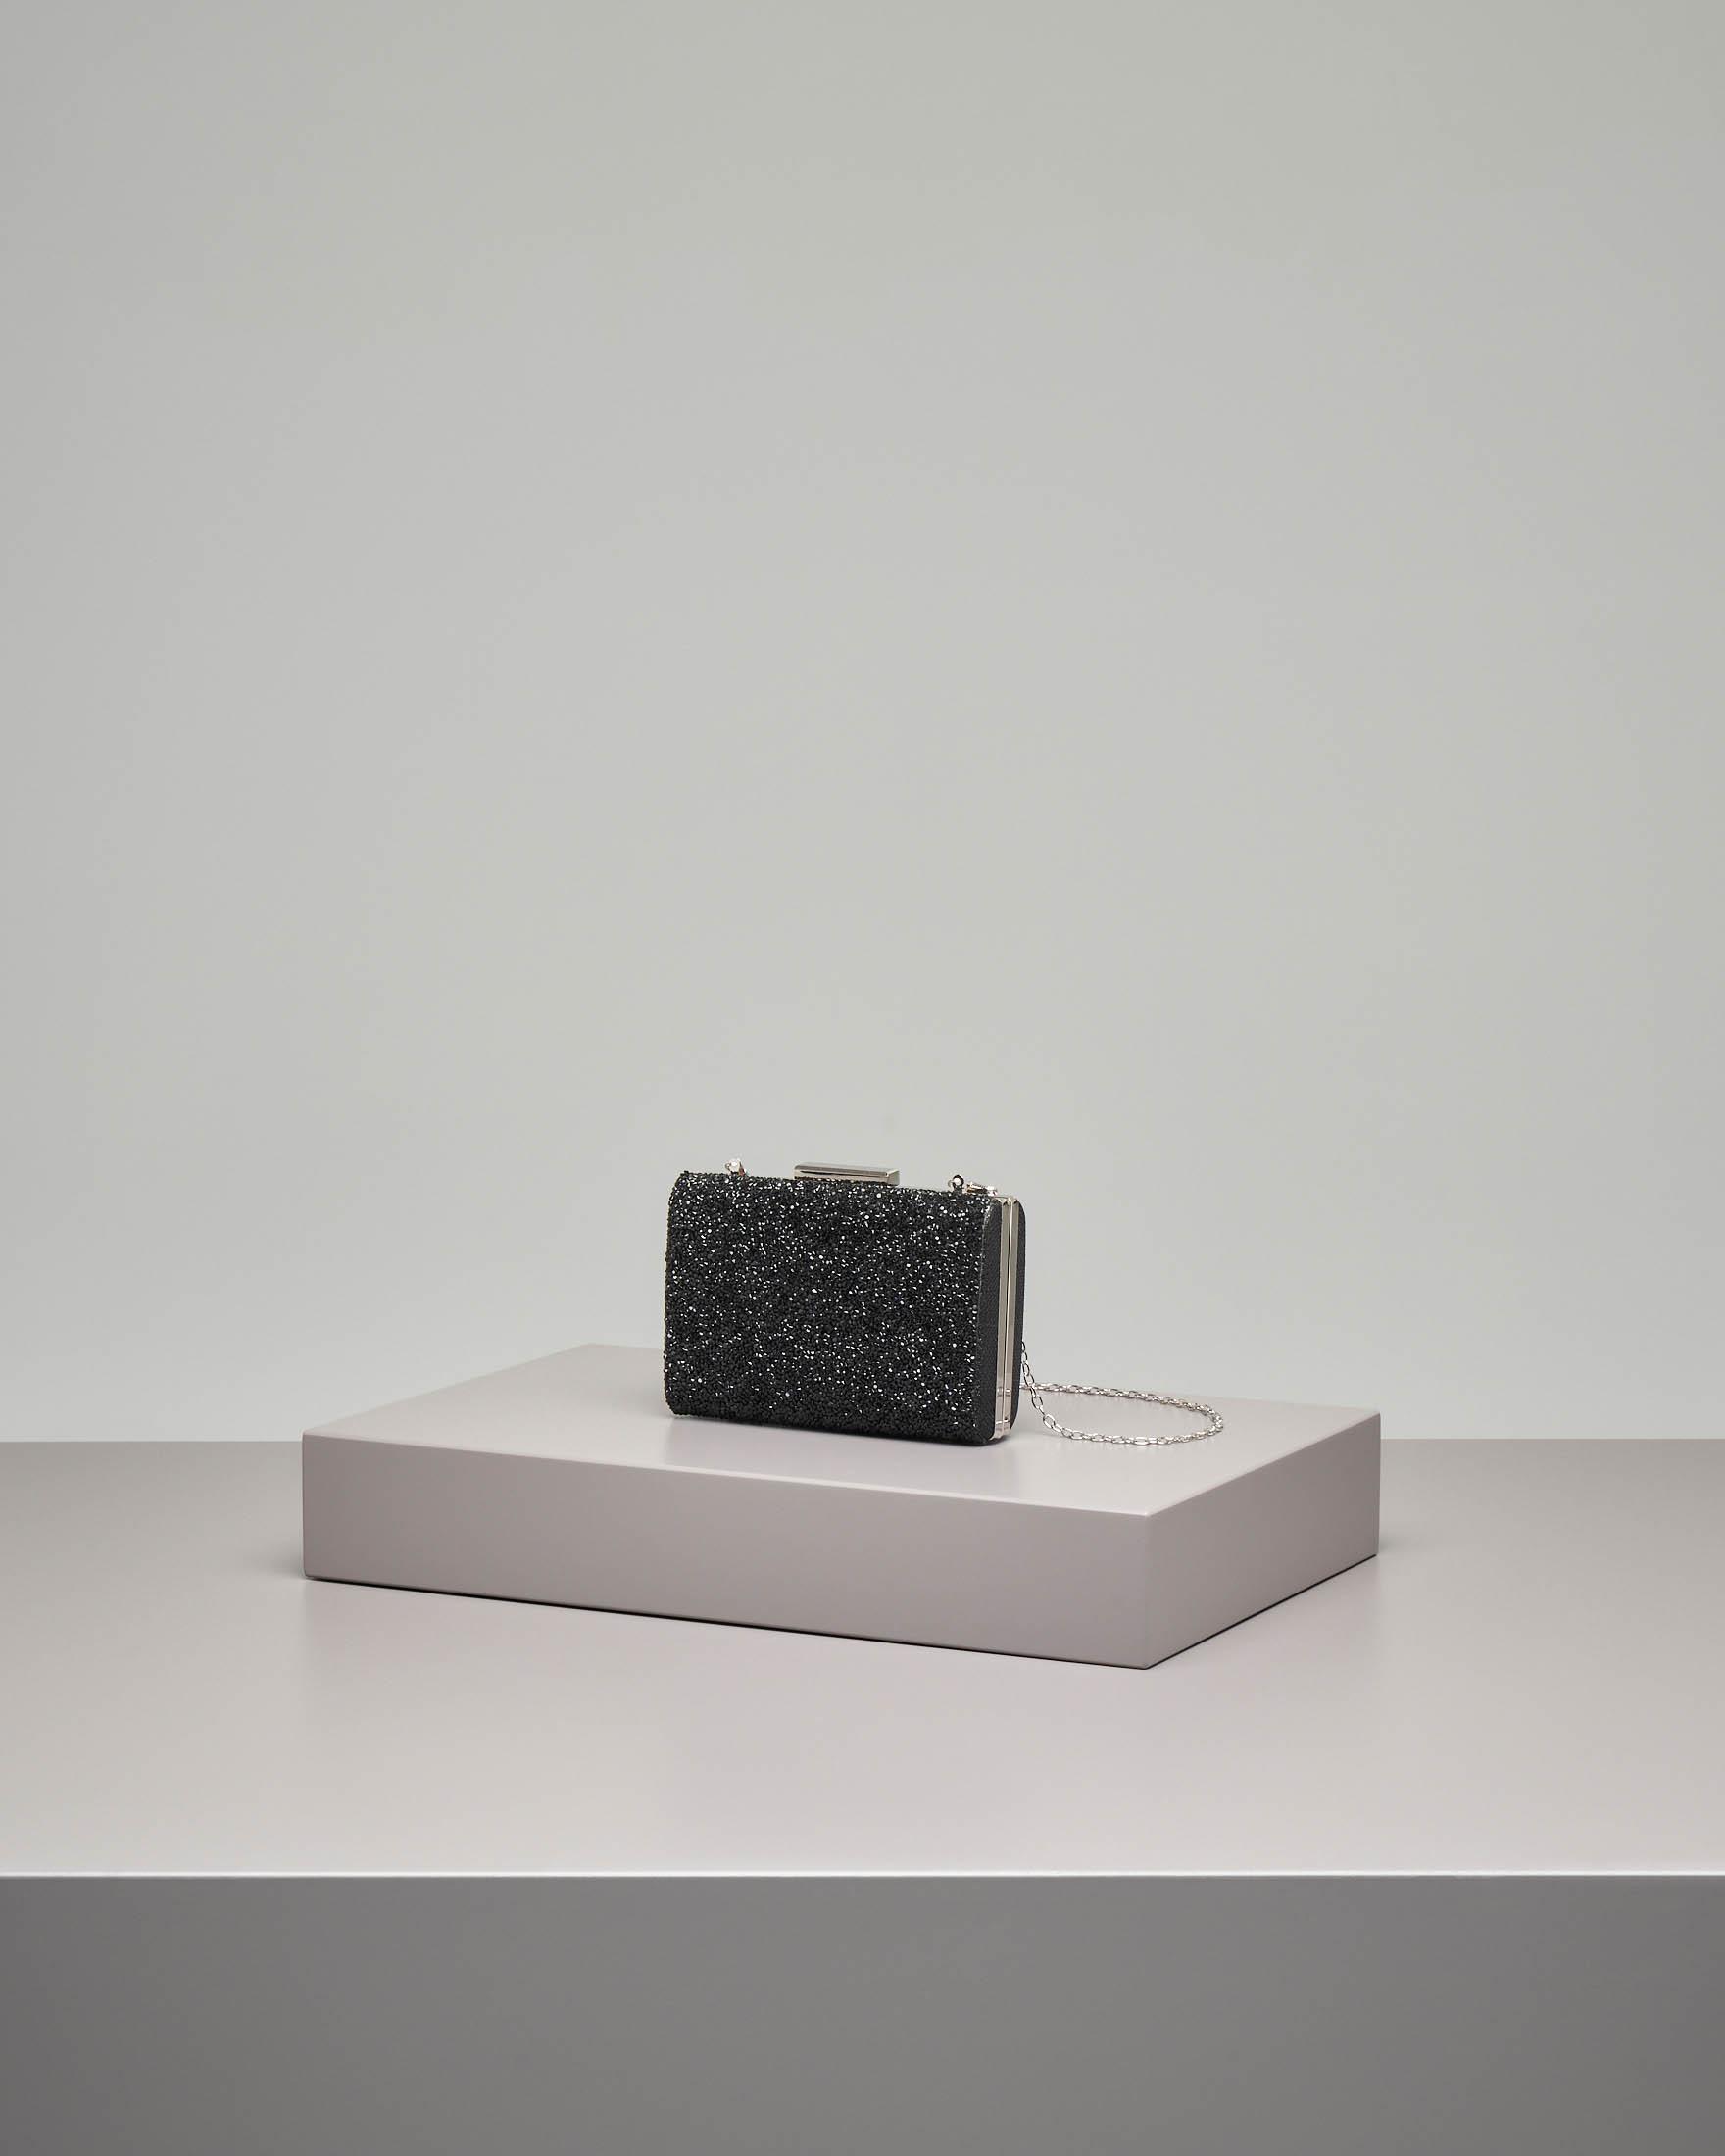 Pochette rigida nera con chiusura effetto glitter e strass applicati tono su tono